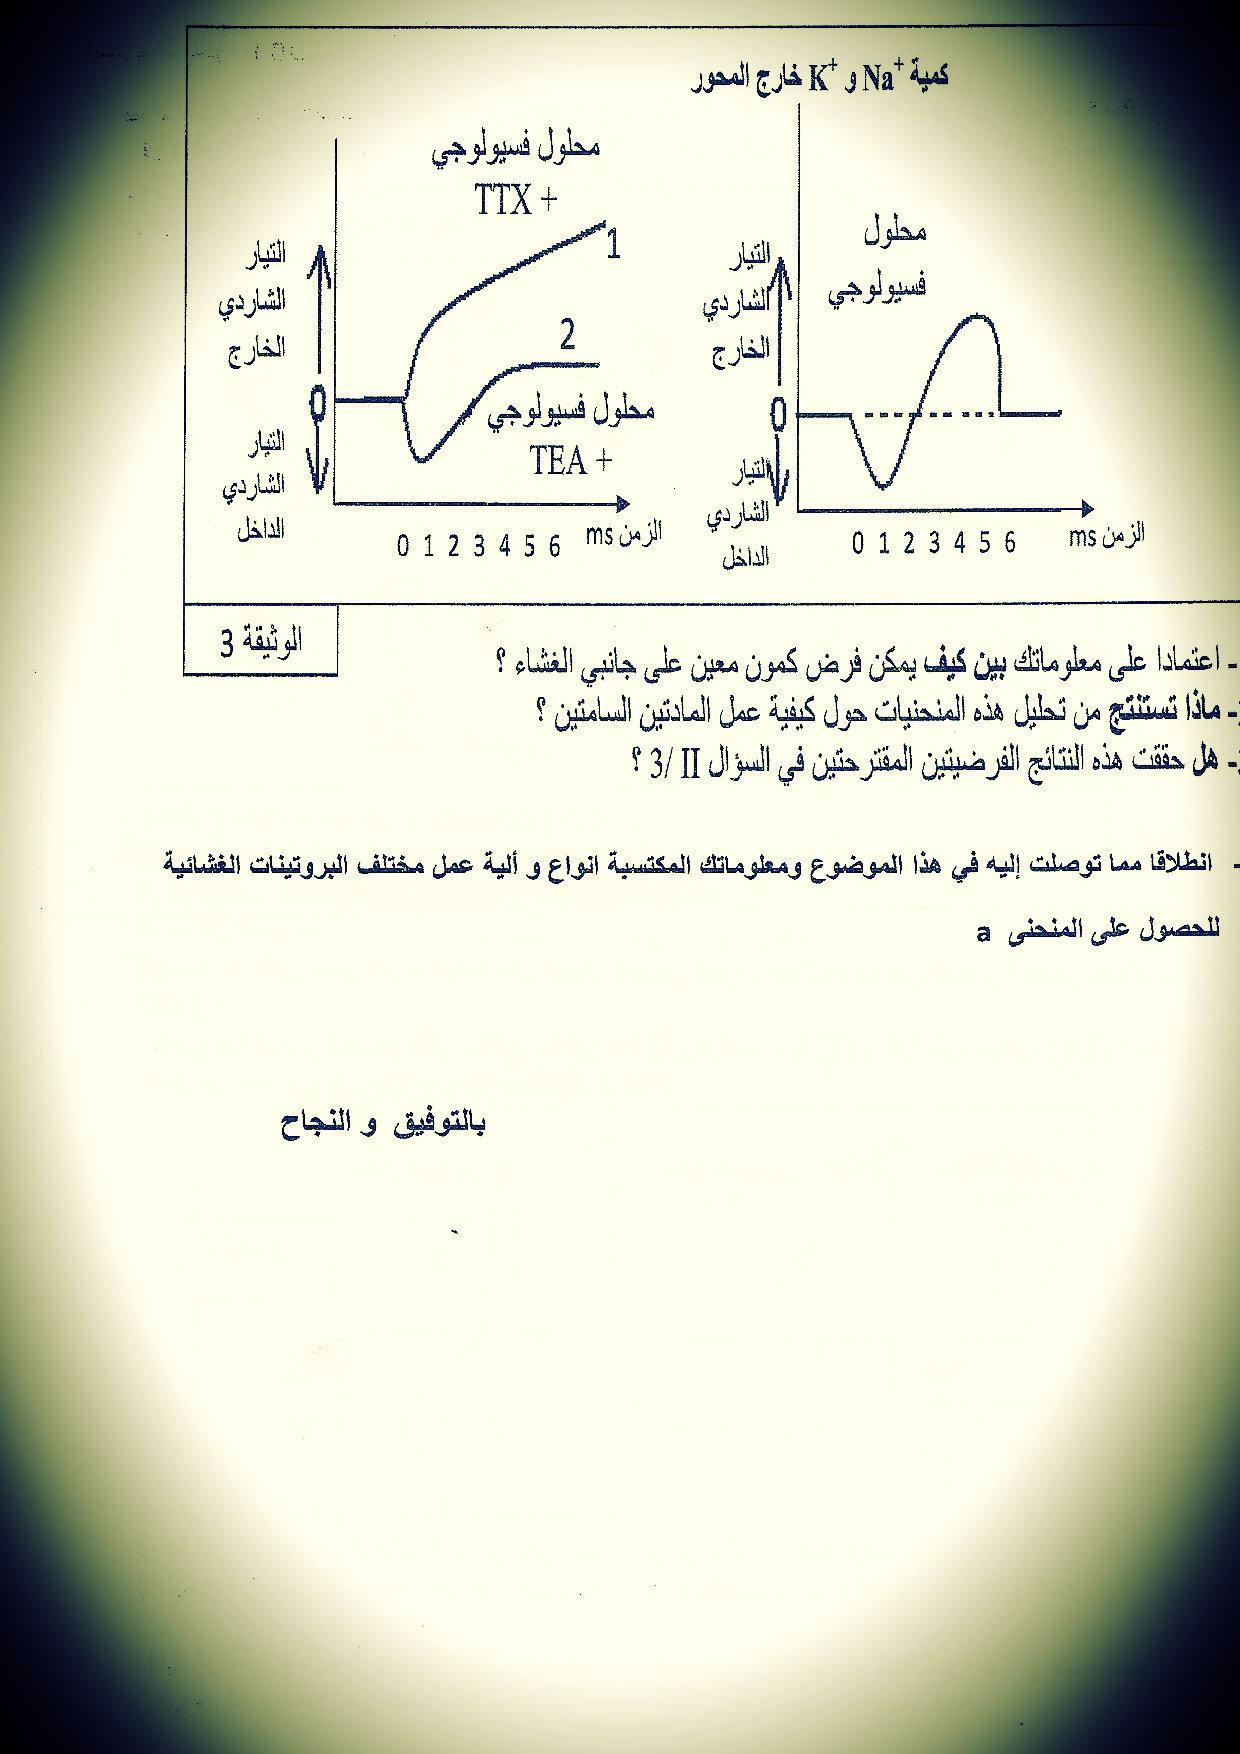 اختبارات ثانويتي للفصل الثاني..شعبة العلوم تجريبية~ 160162413.jpg